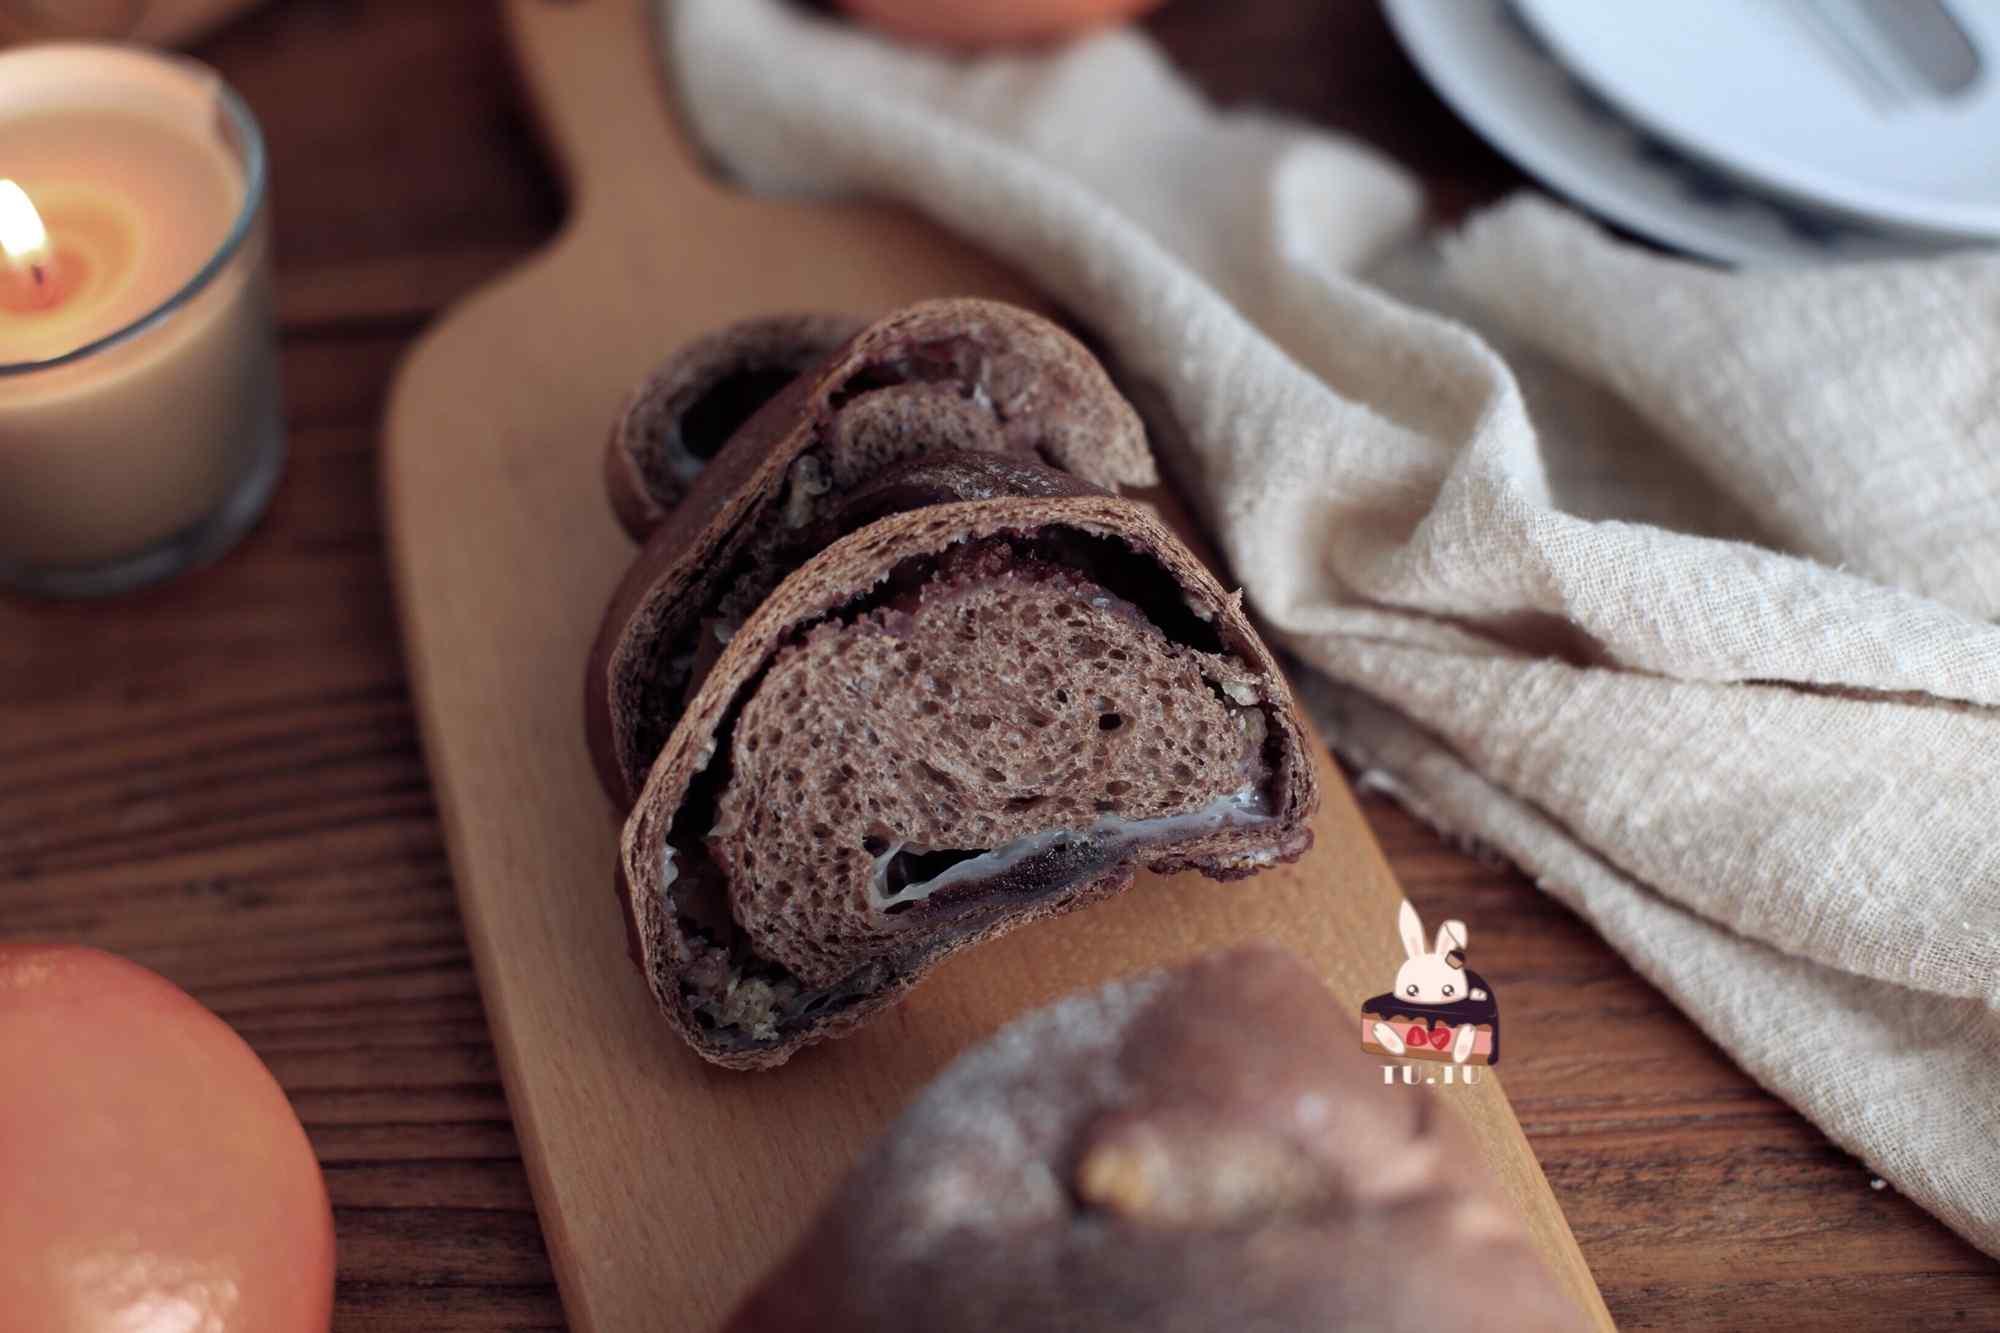 美味的巧克力面包图片